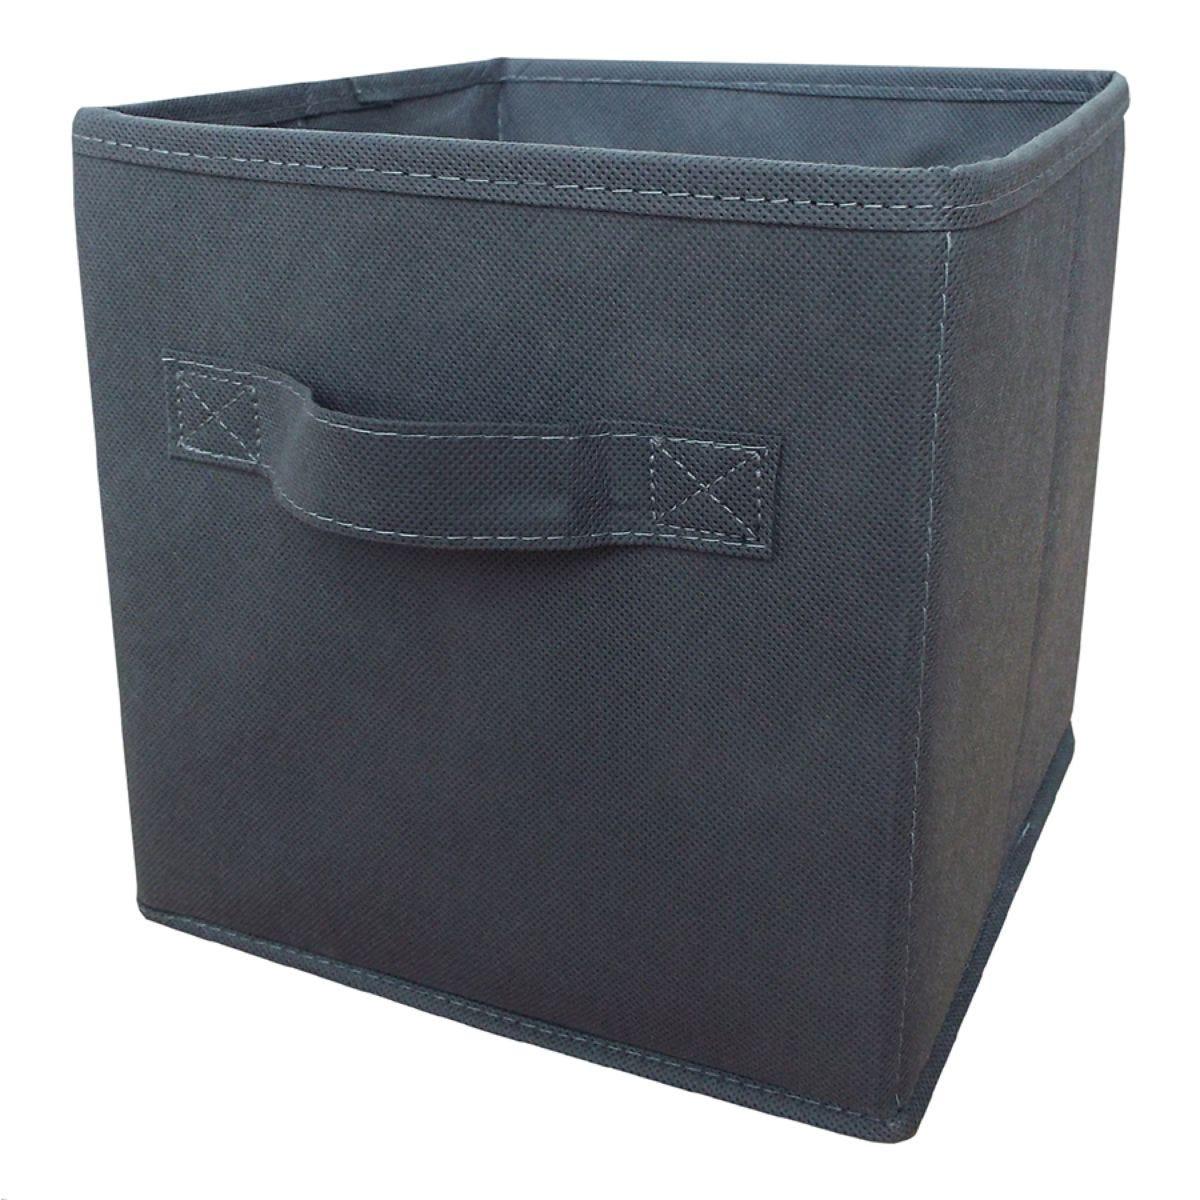 Large Foldable Storage Box